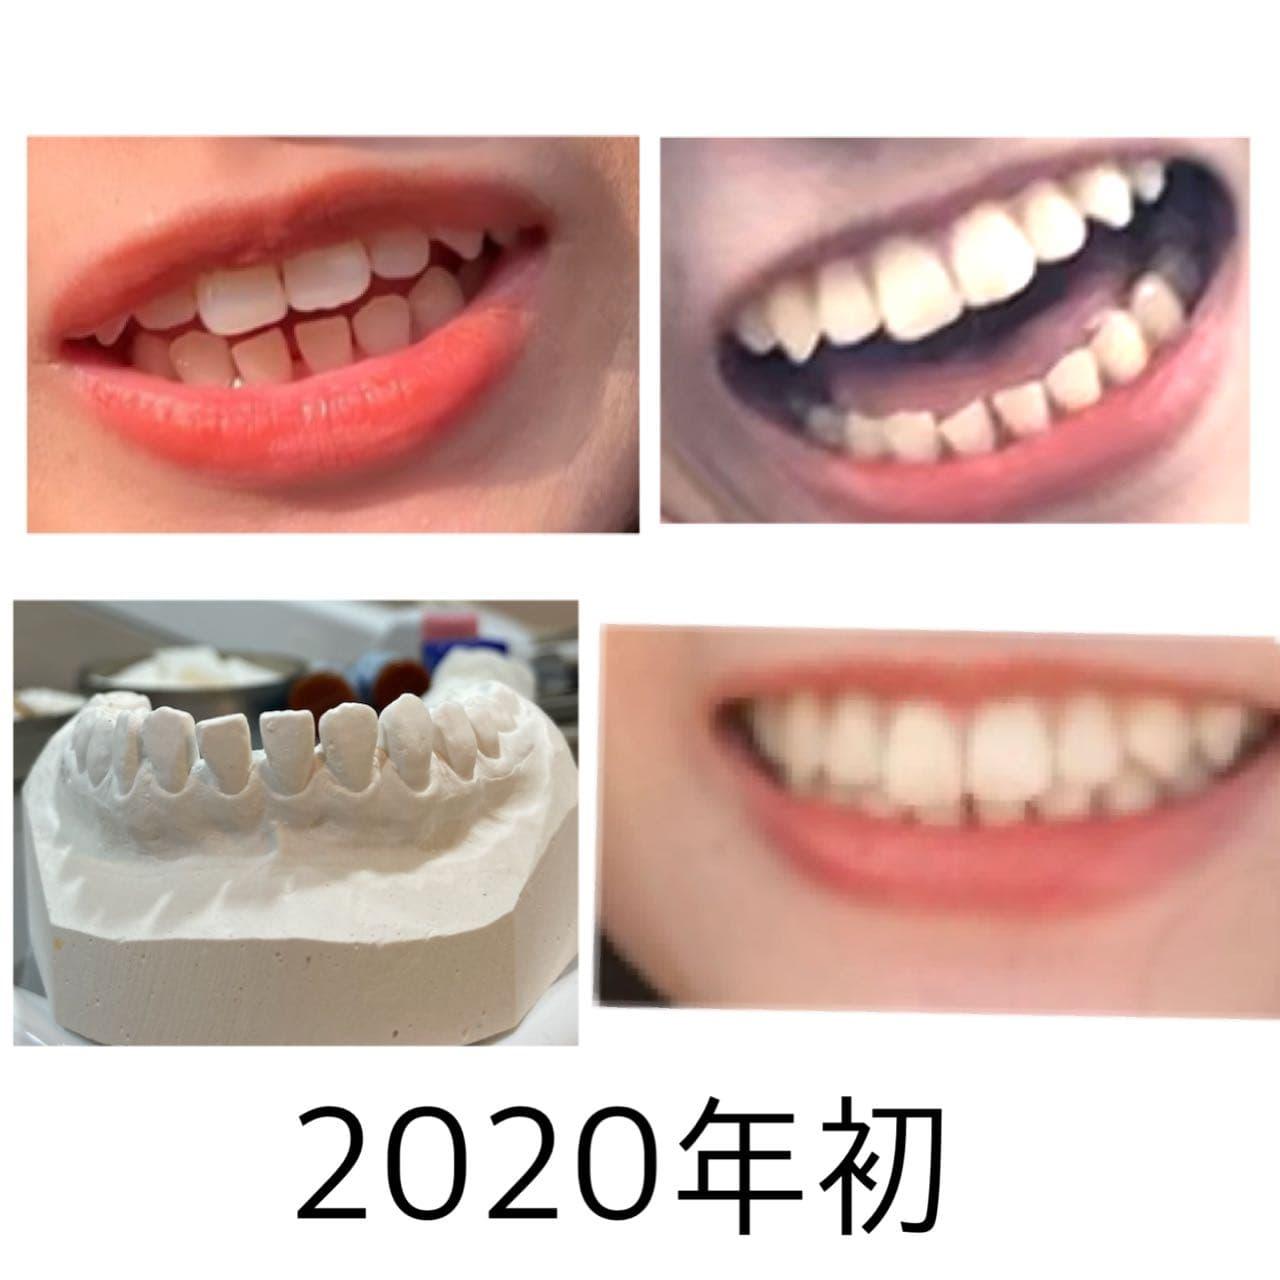 #分享 舌柵四個月牙縫變化 - 牙齒矯正板 | Dcard